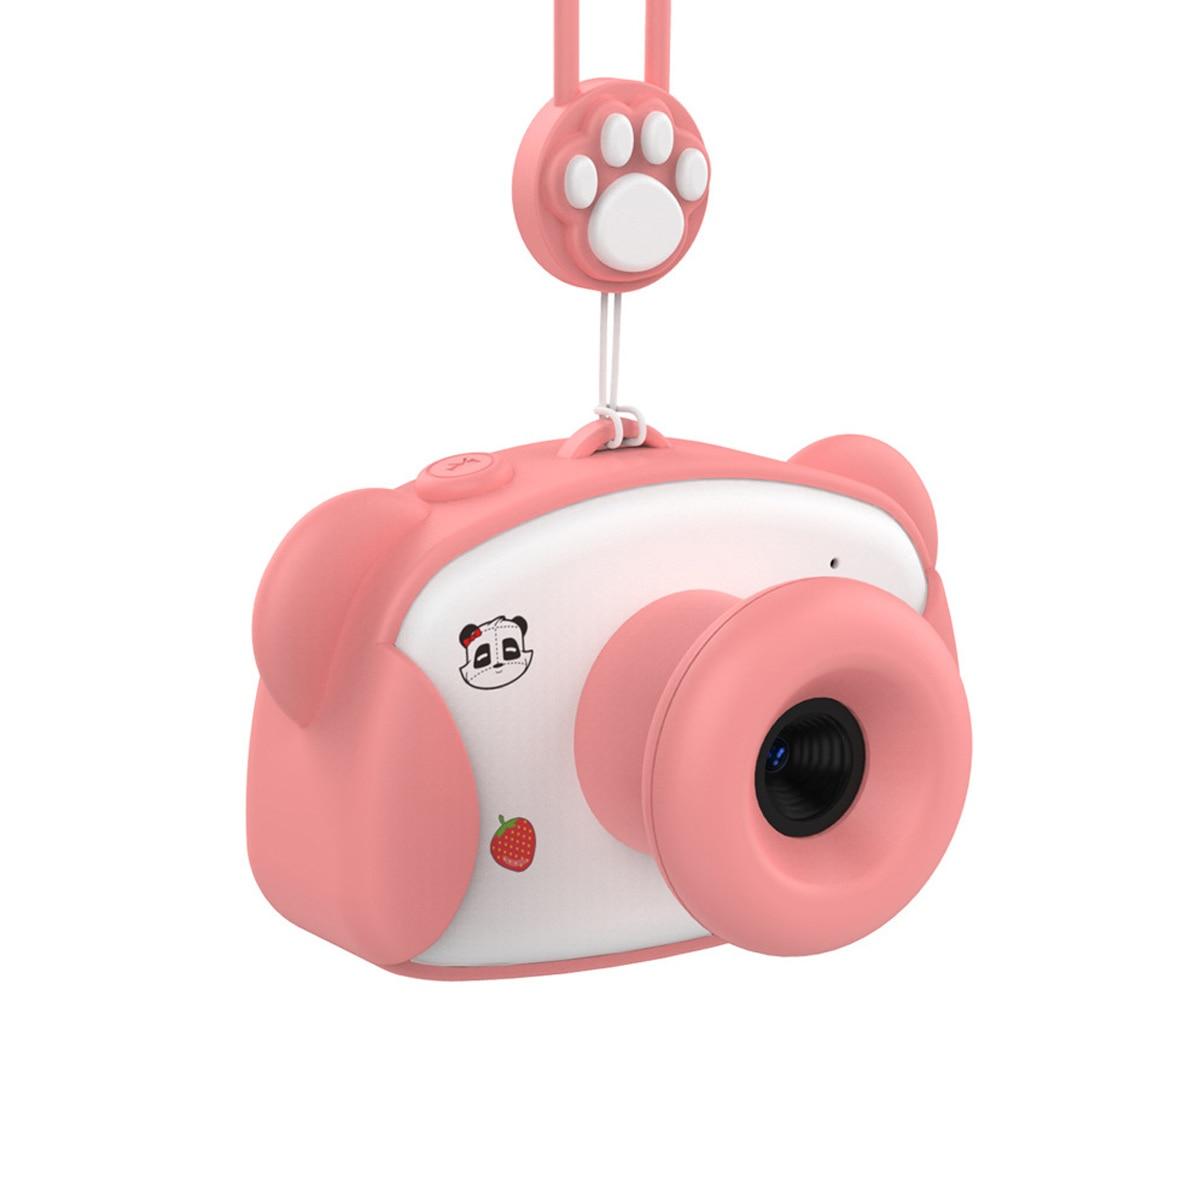 8.0MP 1.5 pouces HD écran enfant caméra jouets Mini belle Panda enfants Anti-secousse appareil photo numérique avec des autocollants de bande dessinée enfants cadeaux - 4